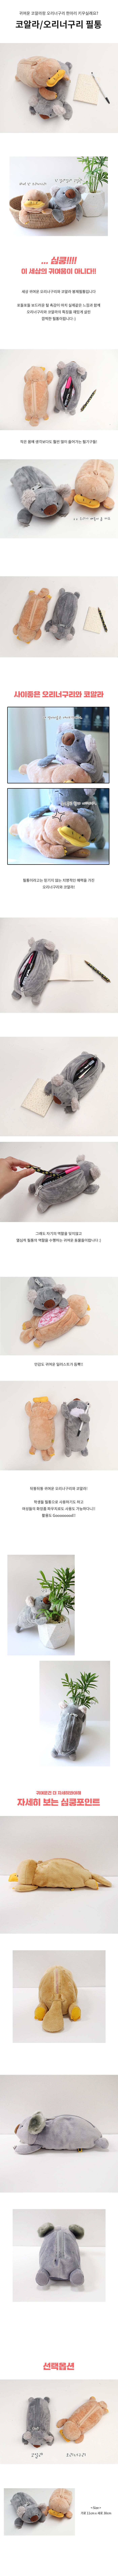 오리너구리 코알라 동물 필통 봉제 캐릭터 파우치 - 갓샵, 10,900원, 패브릭필통, 캐릭터